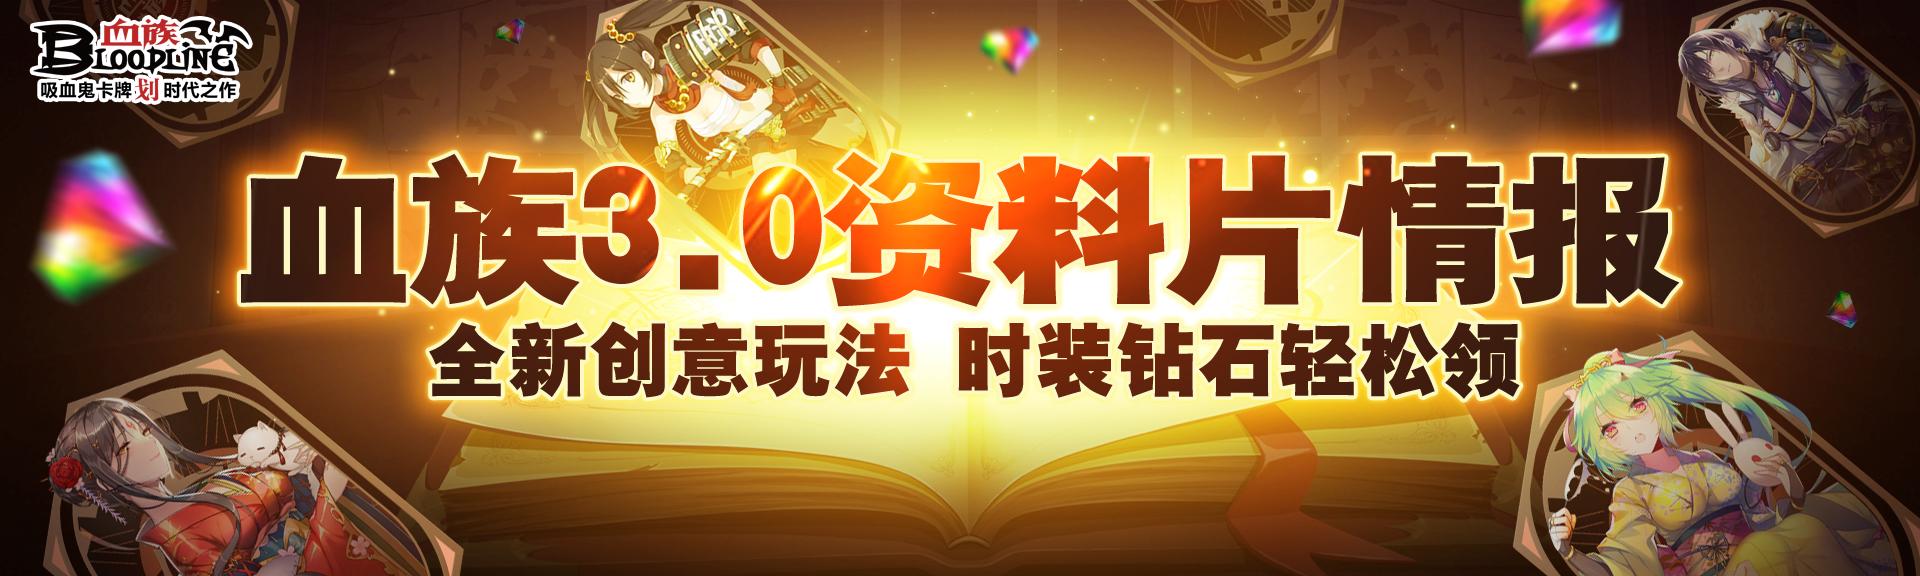 《血族》福利预约人数突破7w!全新版本内容今日曝光!